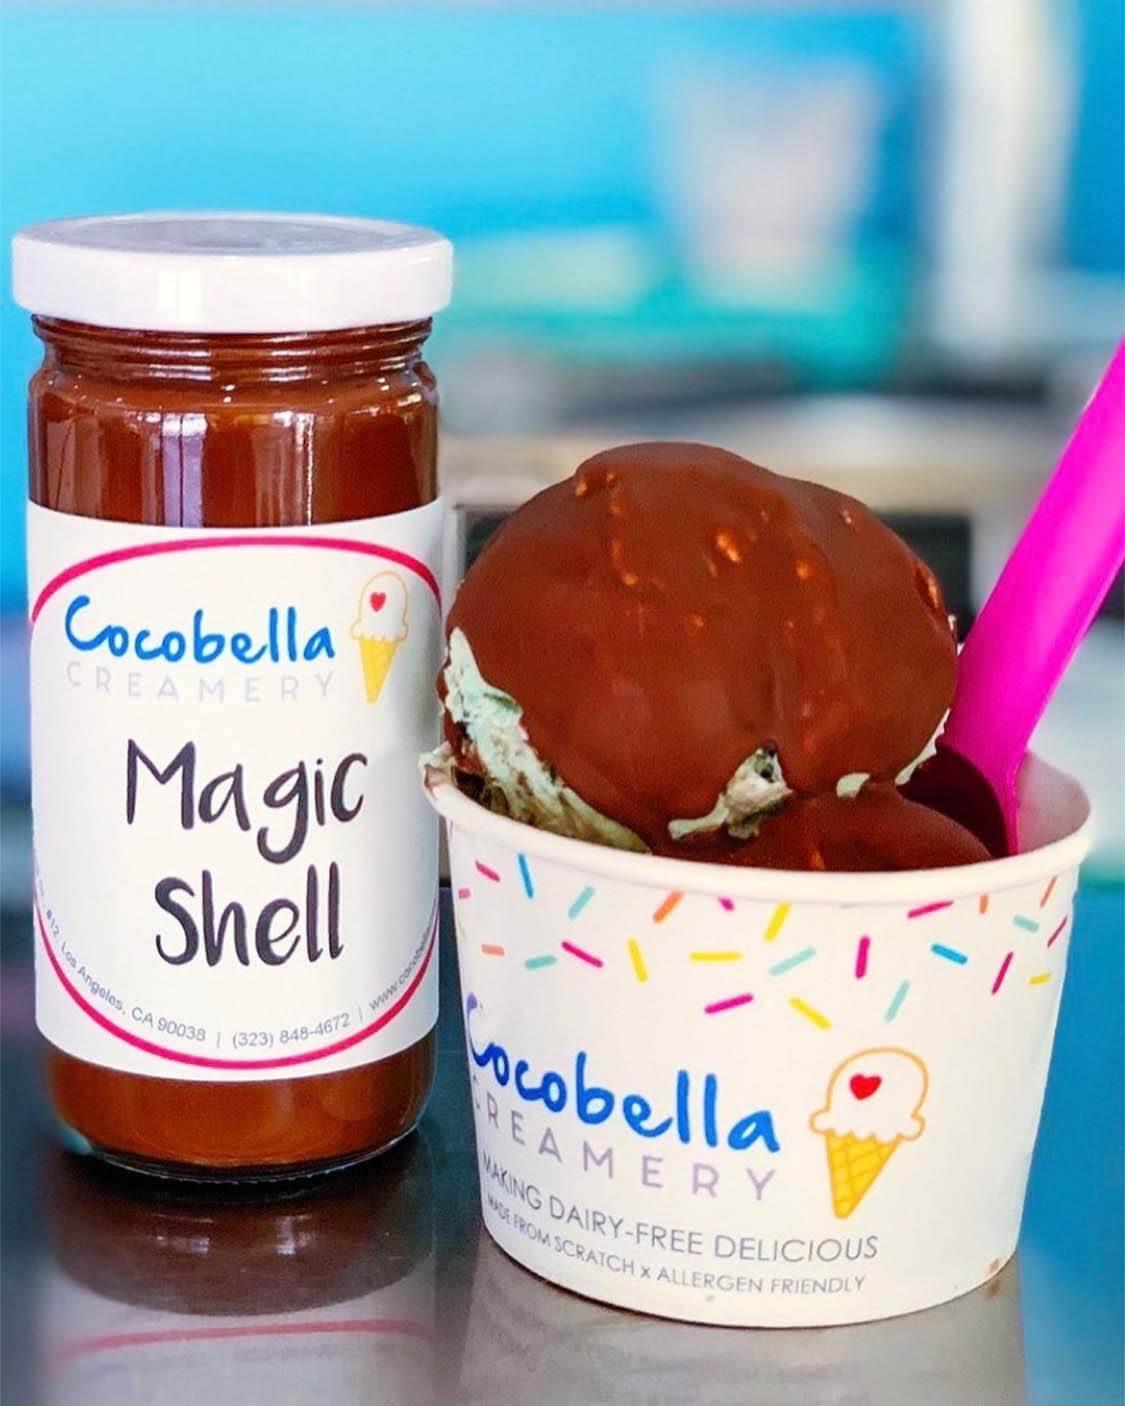 Cocobella Creamery